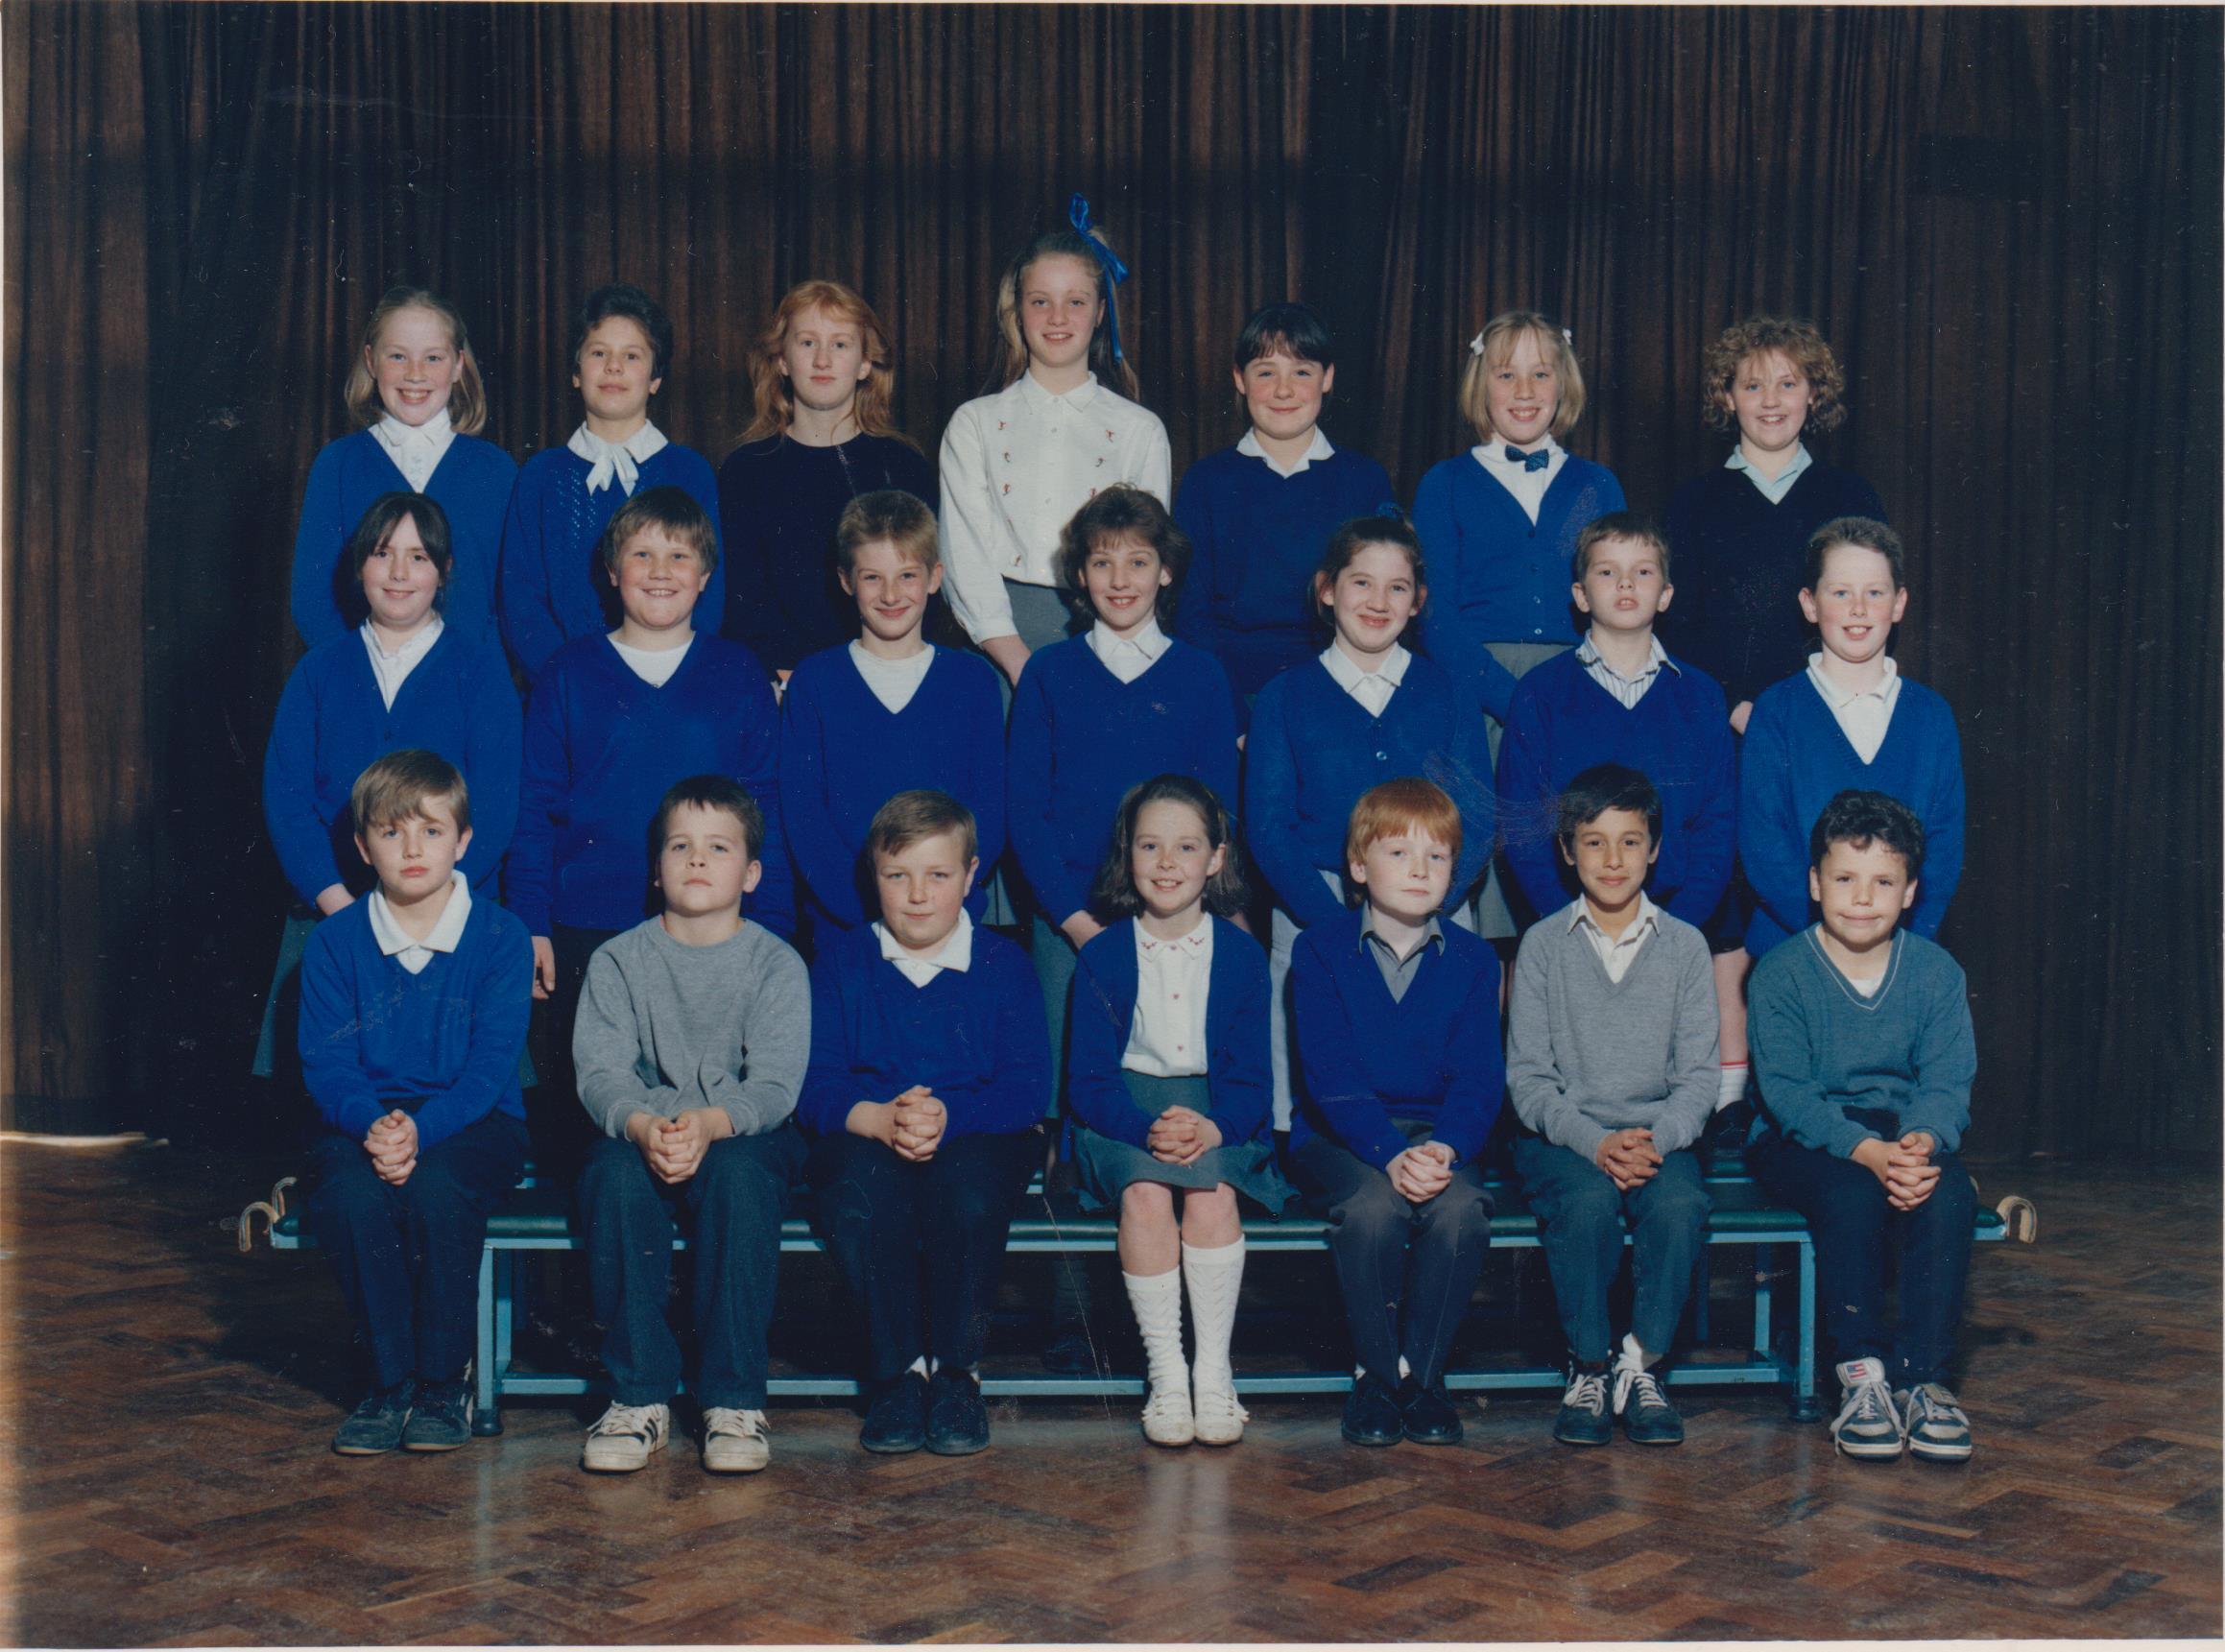 school_group_joanne_price_top_left_001.jpg